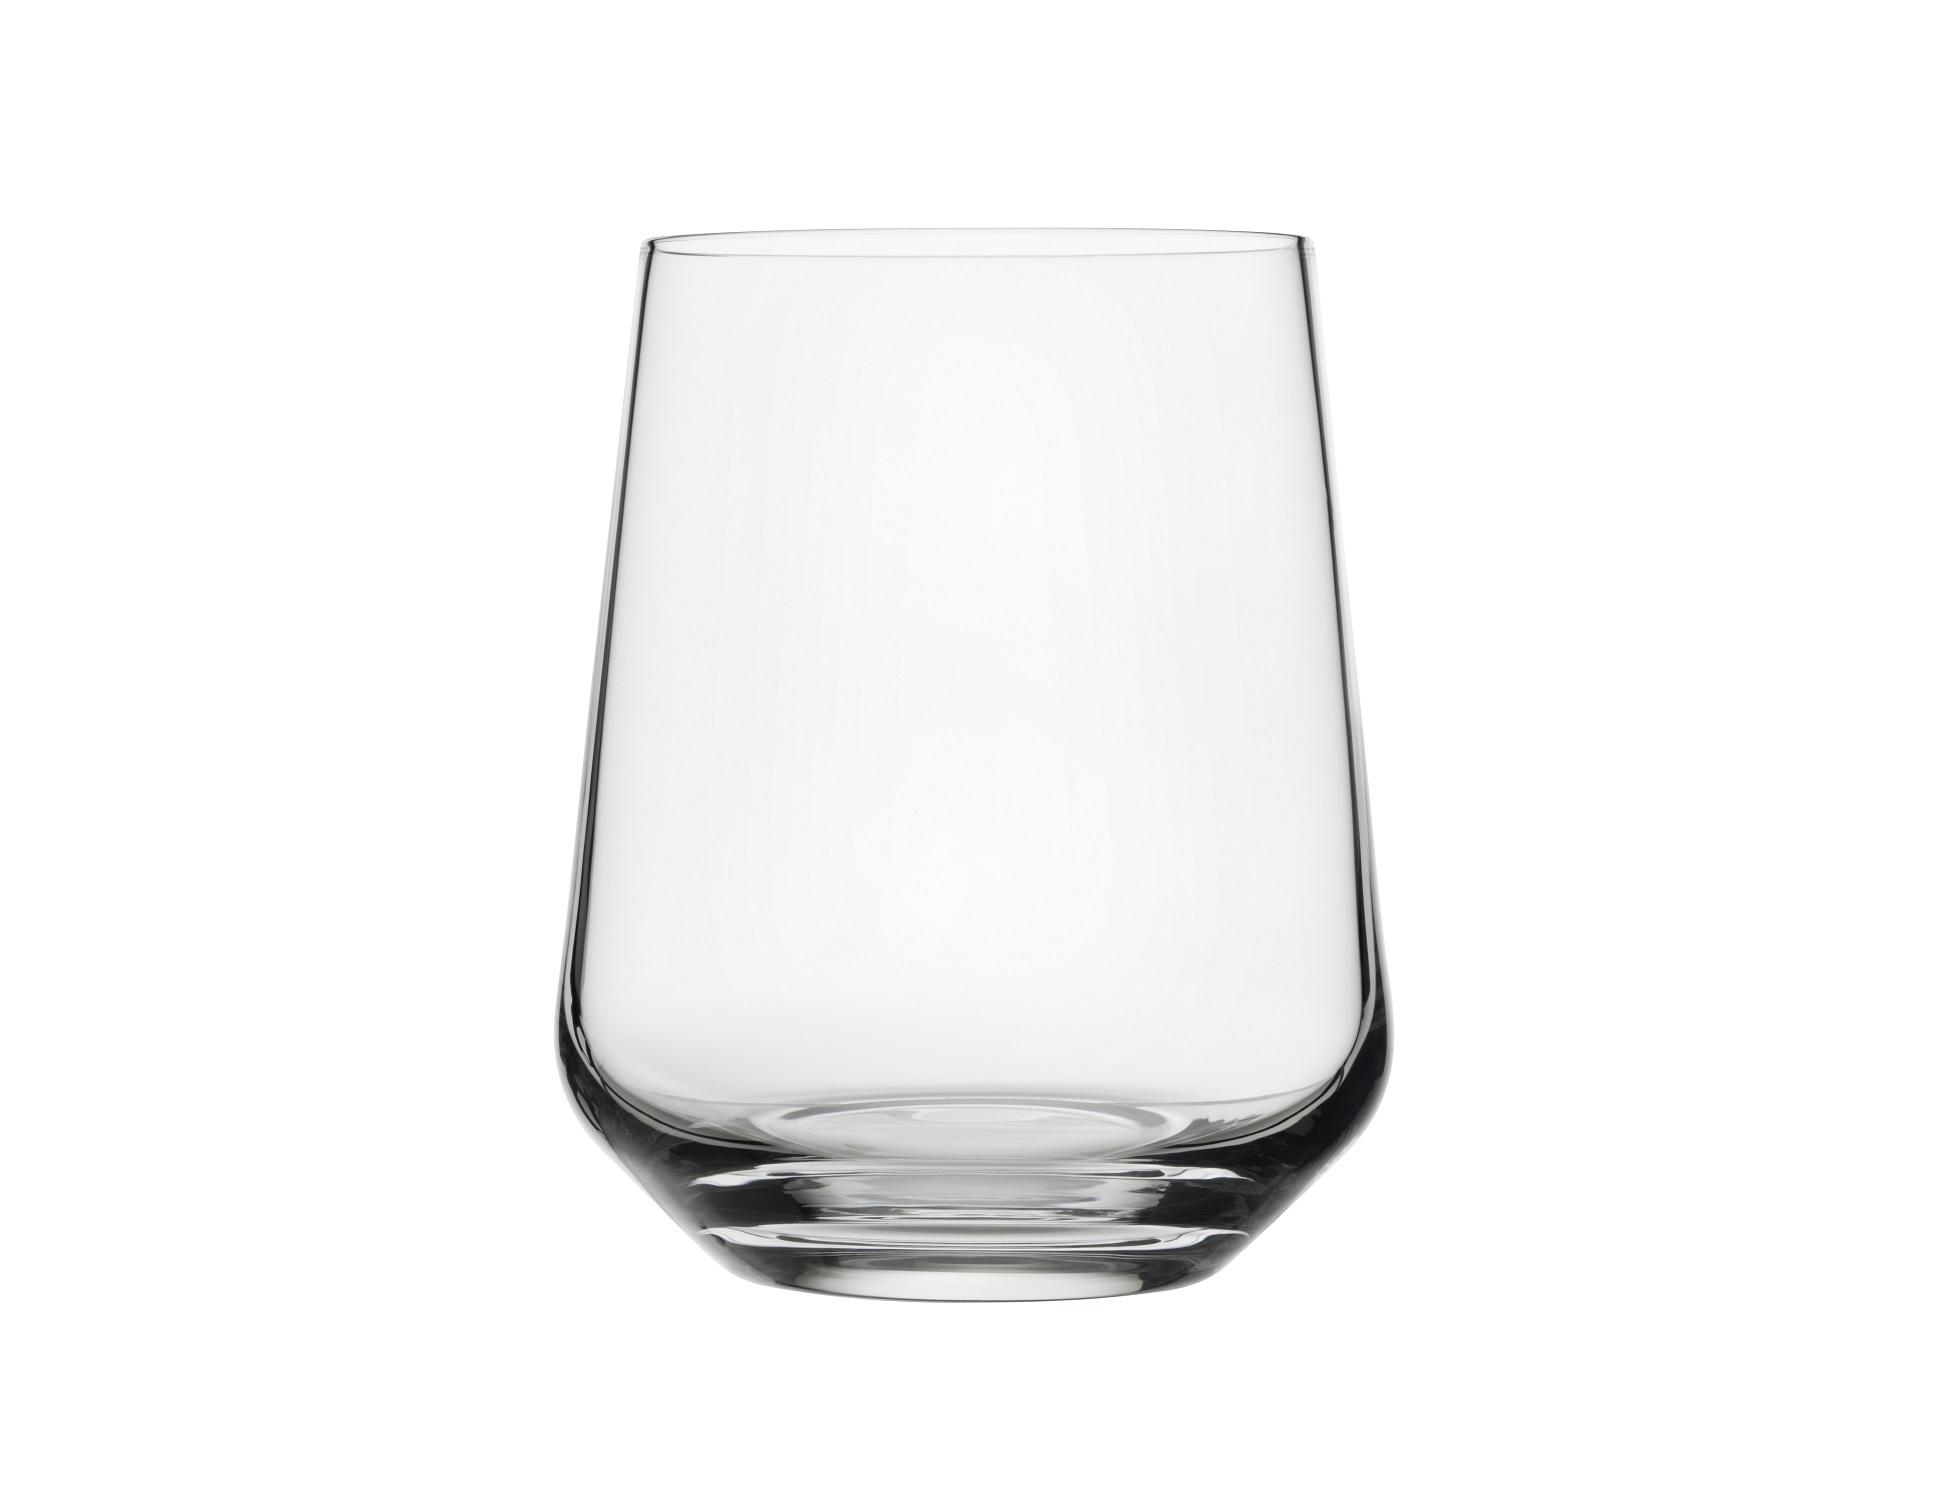 Стакан Essence (2 шт)Стаканы<br>Серия Essence - это серия бокалов для всех видов алкоголя. Вместе они создают прекрасный вид на обеденном столе. Из бокалов данной серии невероятно приятно пить!<br><br>Material: Стекло<br>Length см: None<br>Width см: 8<br>Depth см: 17<br>Height см: 10<br>Diameter см: None